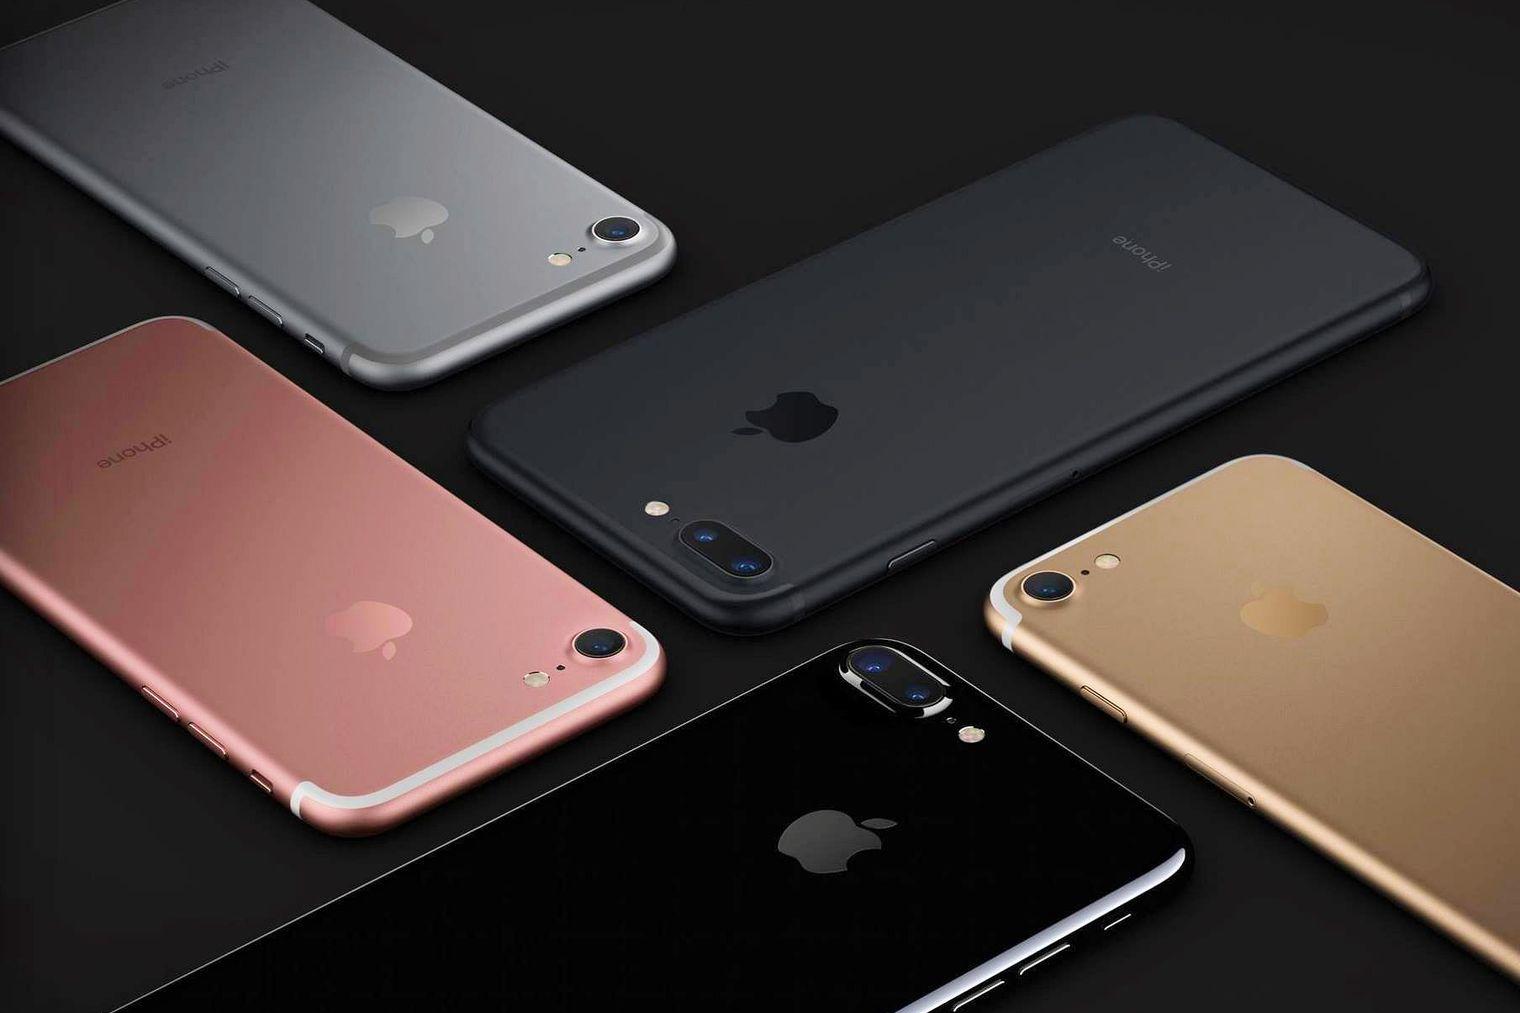 Qualcomm ønsker å stanse importen av iPhone. Nå etterforskes Apple av ITC.